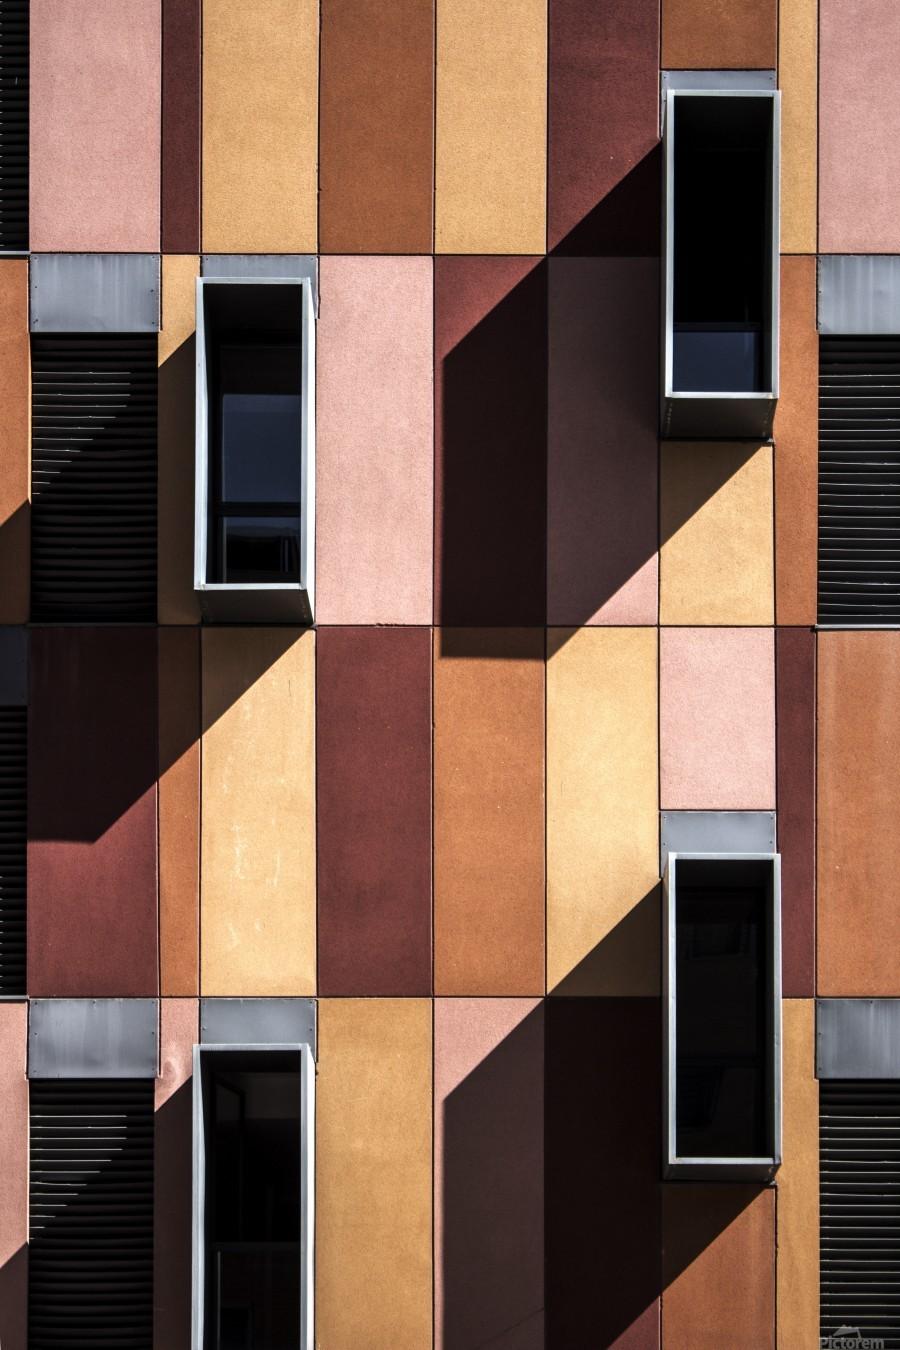 architectural design architecture building colors  Print